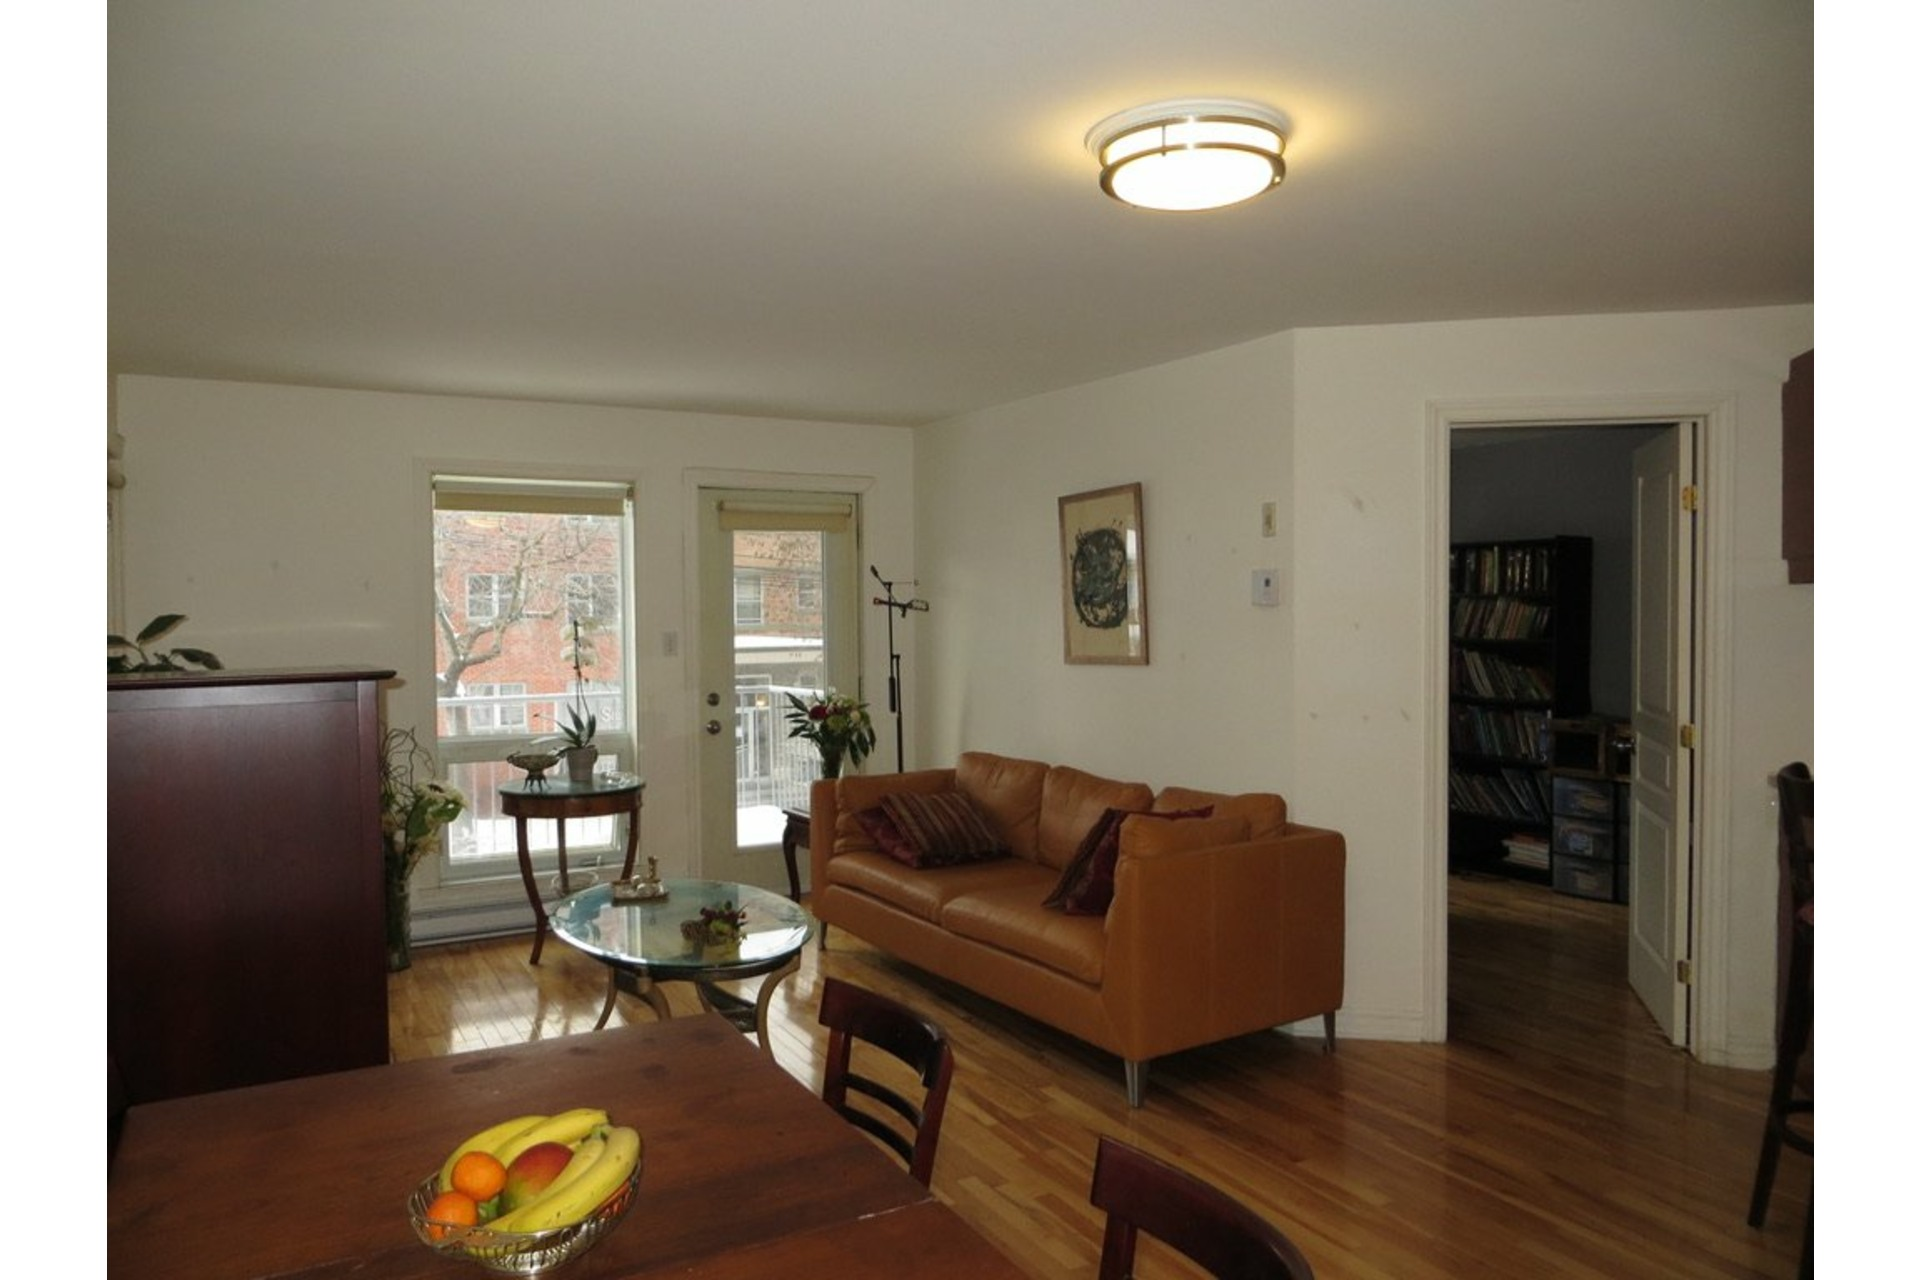 image 7 - Appartement À vendre Côte-des-Neiges/Notre-Dame-de-Grâce Montréal  - 6 pièces